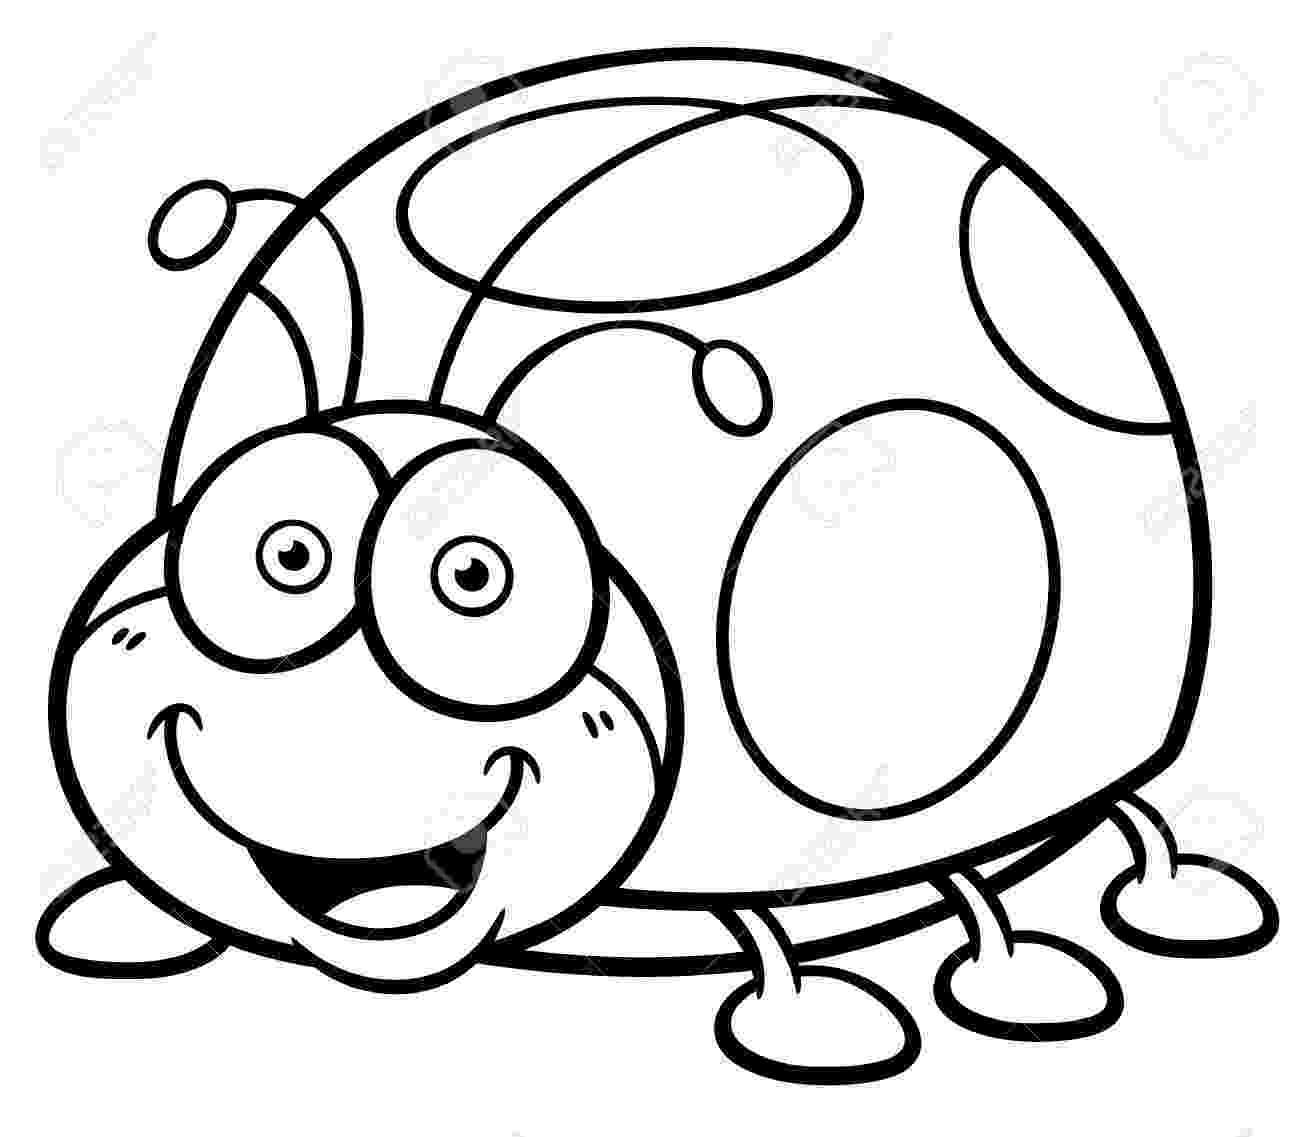 coloring page ladybug cute cartoon ladybug coloring page free printable ladybug coloring page